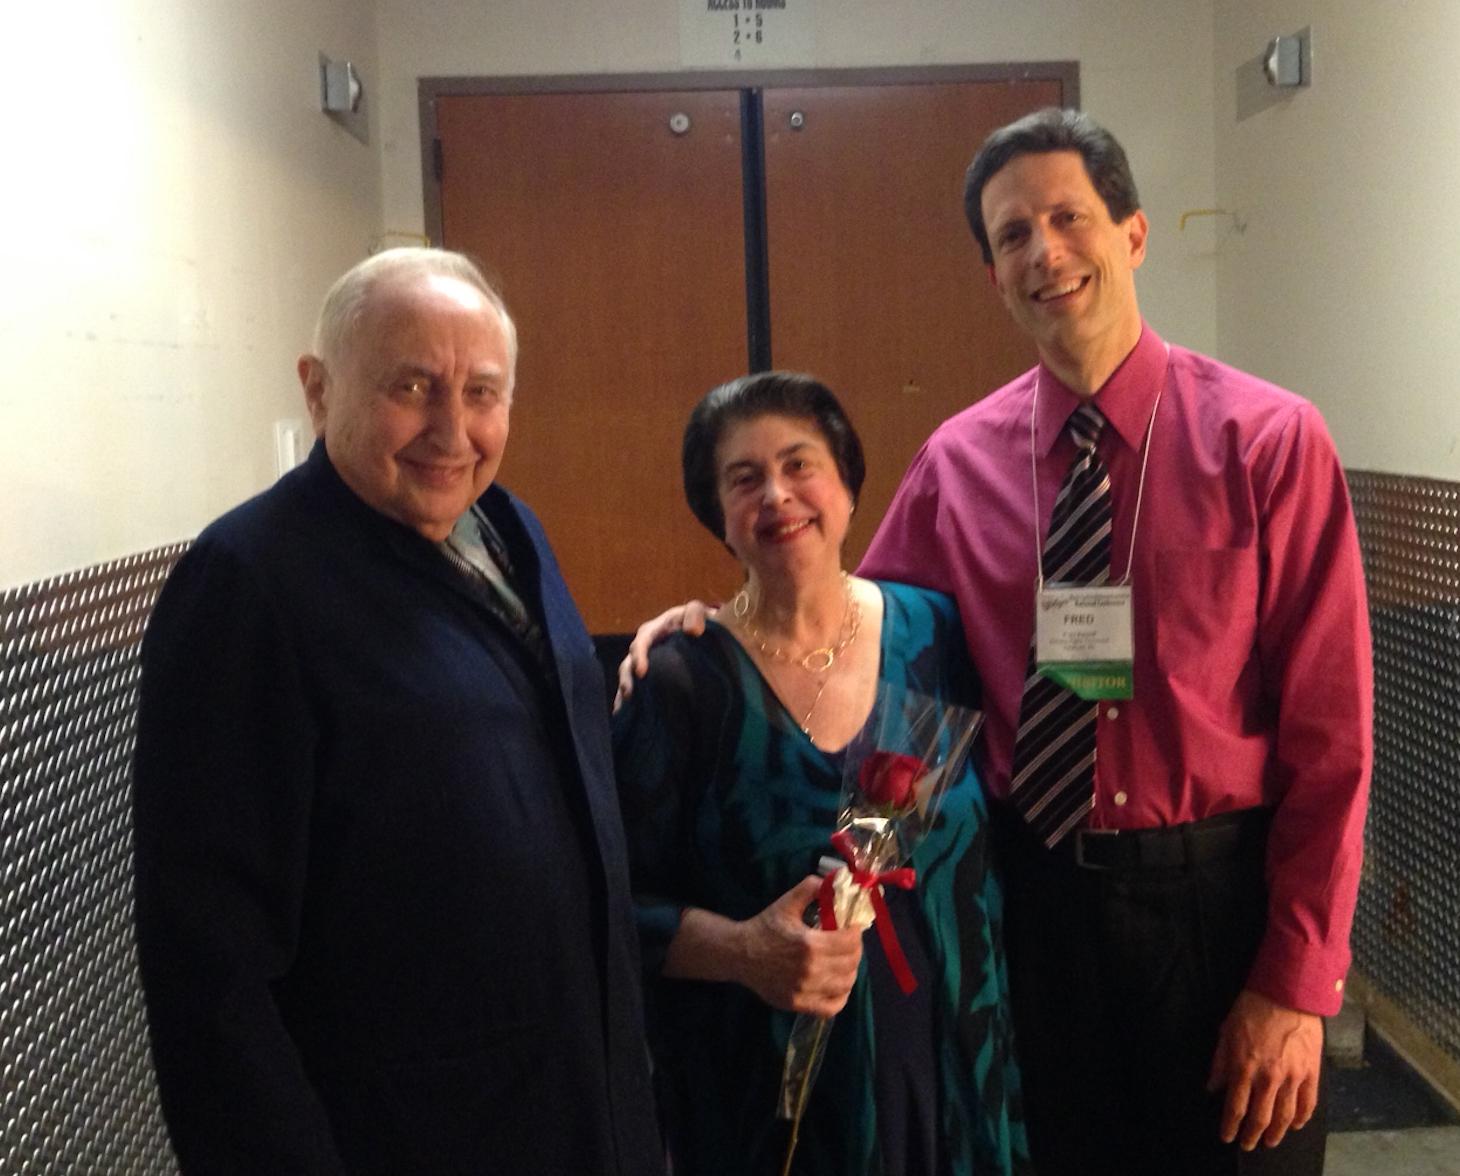 With Seymour Bernstein after Ann Schein's recital, 2015.